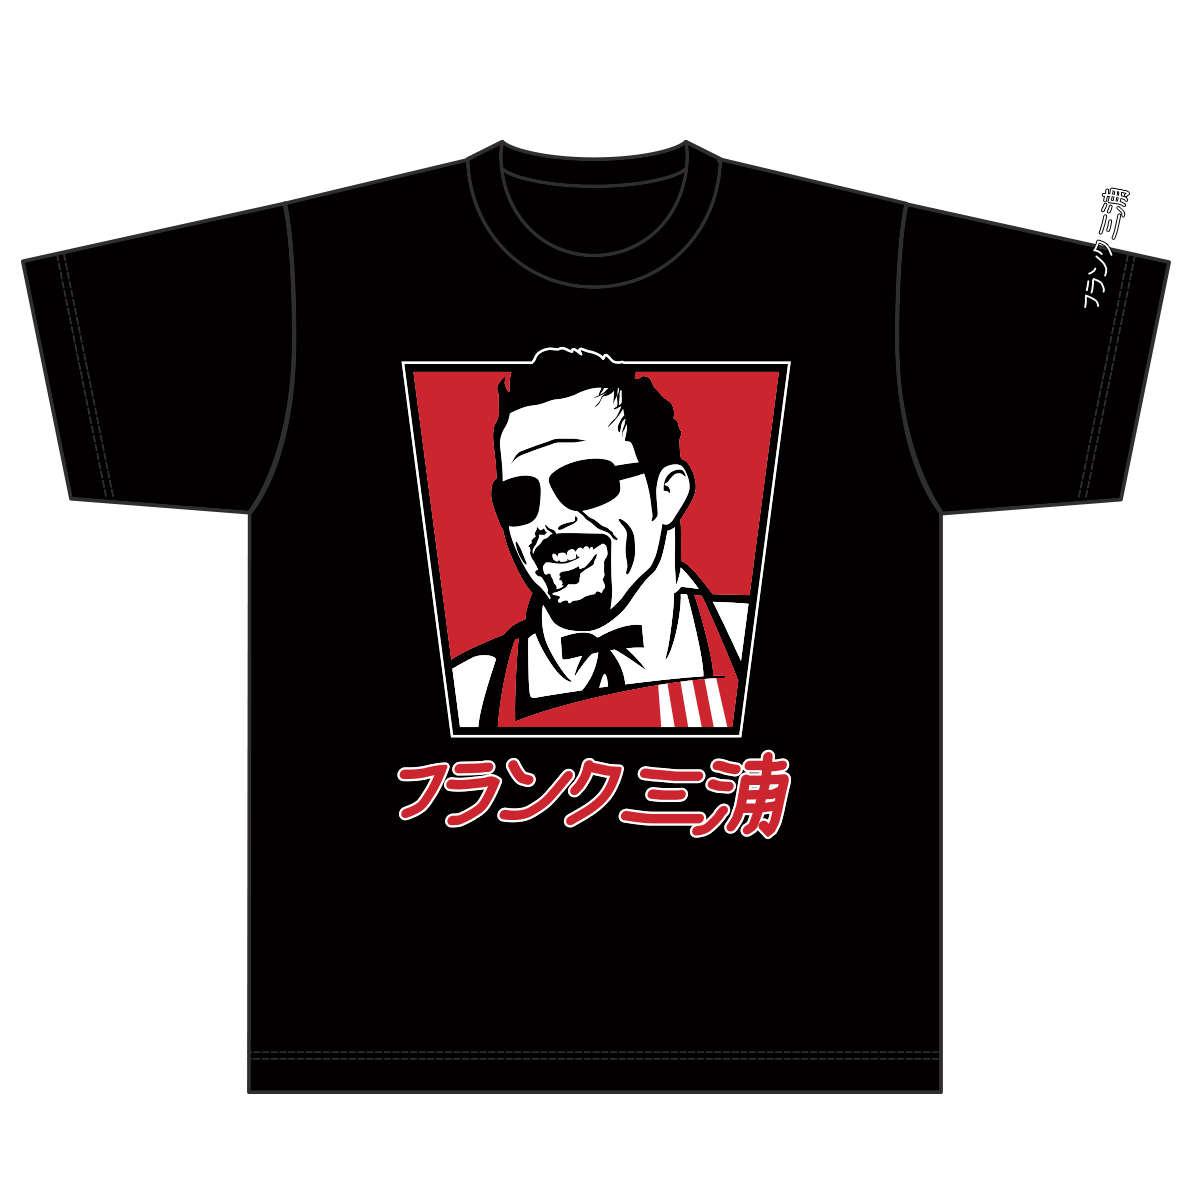 [フランク三浦]  Tシャツ 唐揚げの達人 ブラック ホワイト 5.6オンス ヘビーウェイト Tシャツ